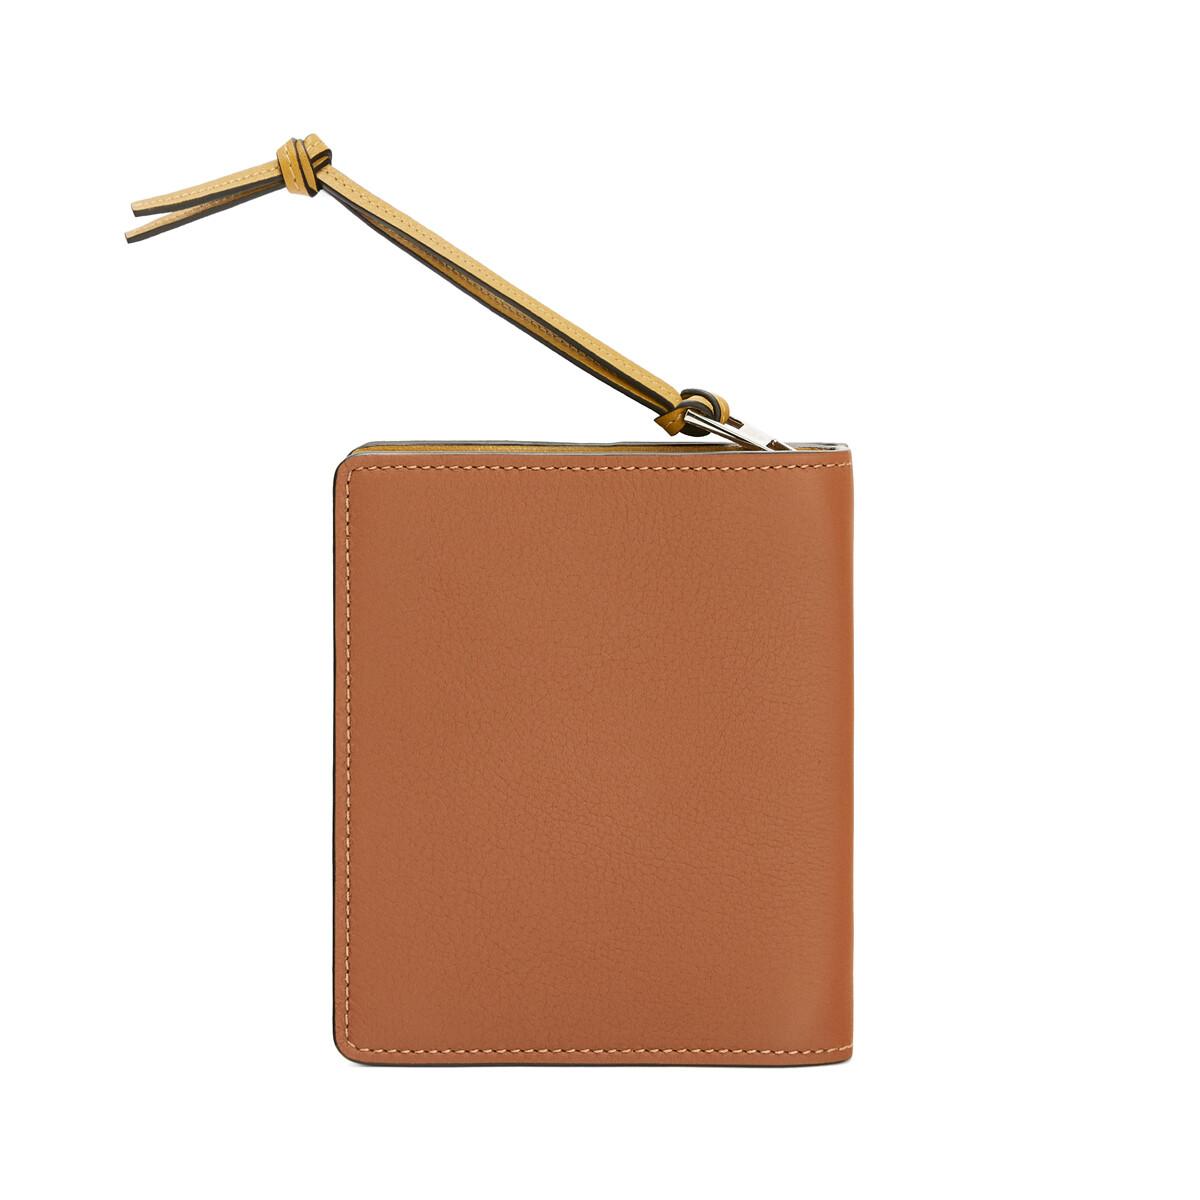 LOEWE Brand Compact Zip Wallet Tan/Ochre front